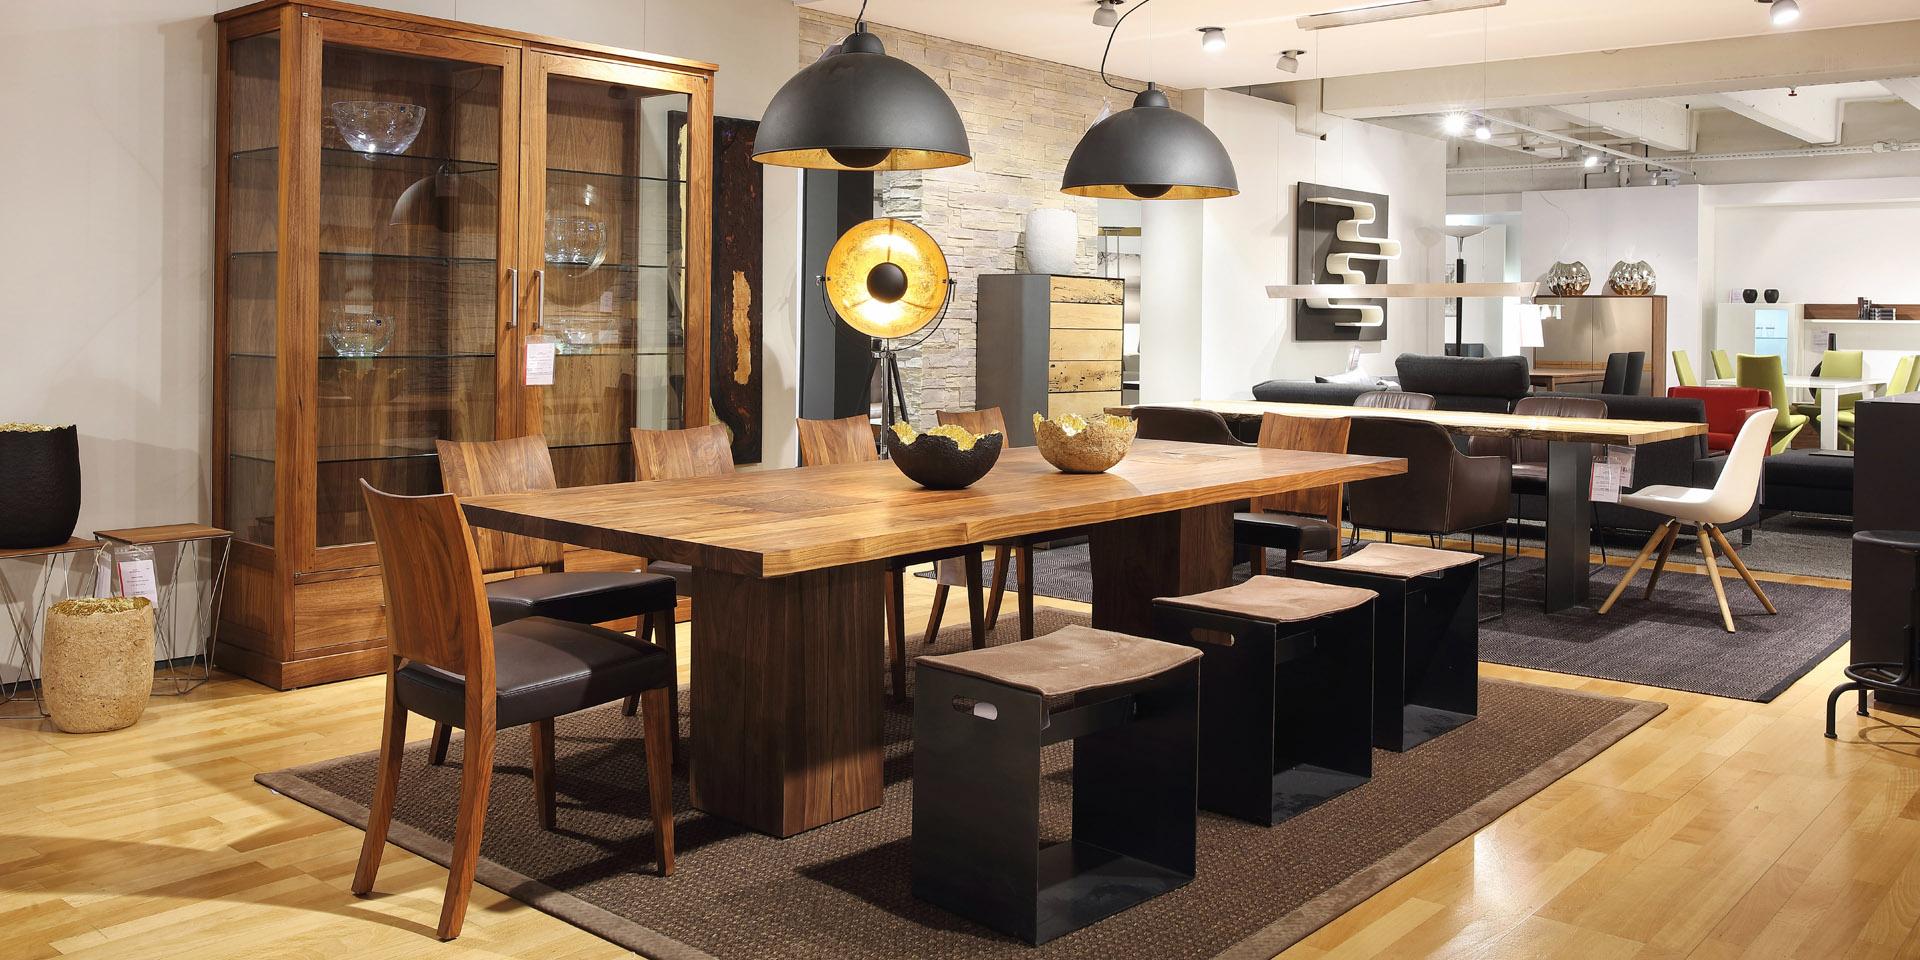 ausstellung 0018 foto9187 final schmal fenchel wohnfaszination gmbh. Black Bedroom Furniture Sets. Home Design Ideas